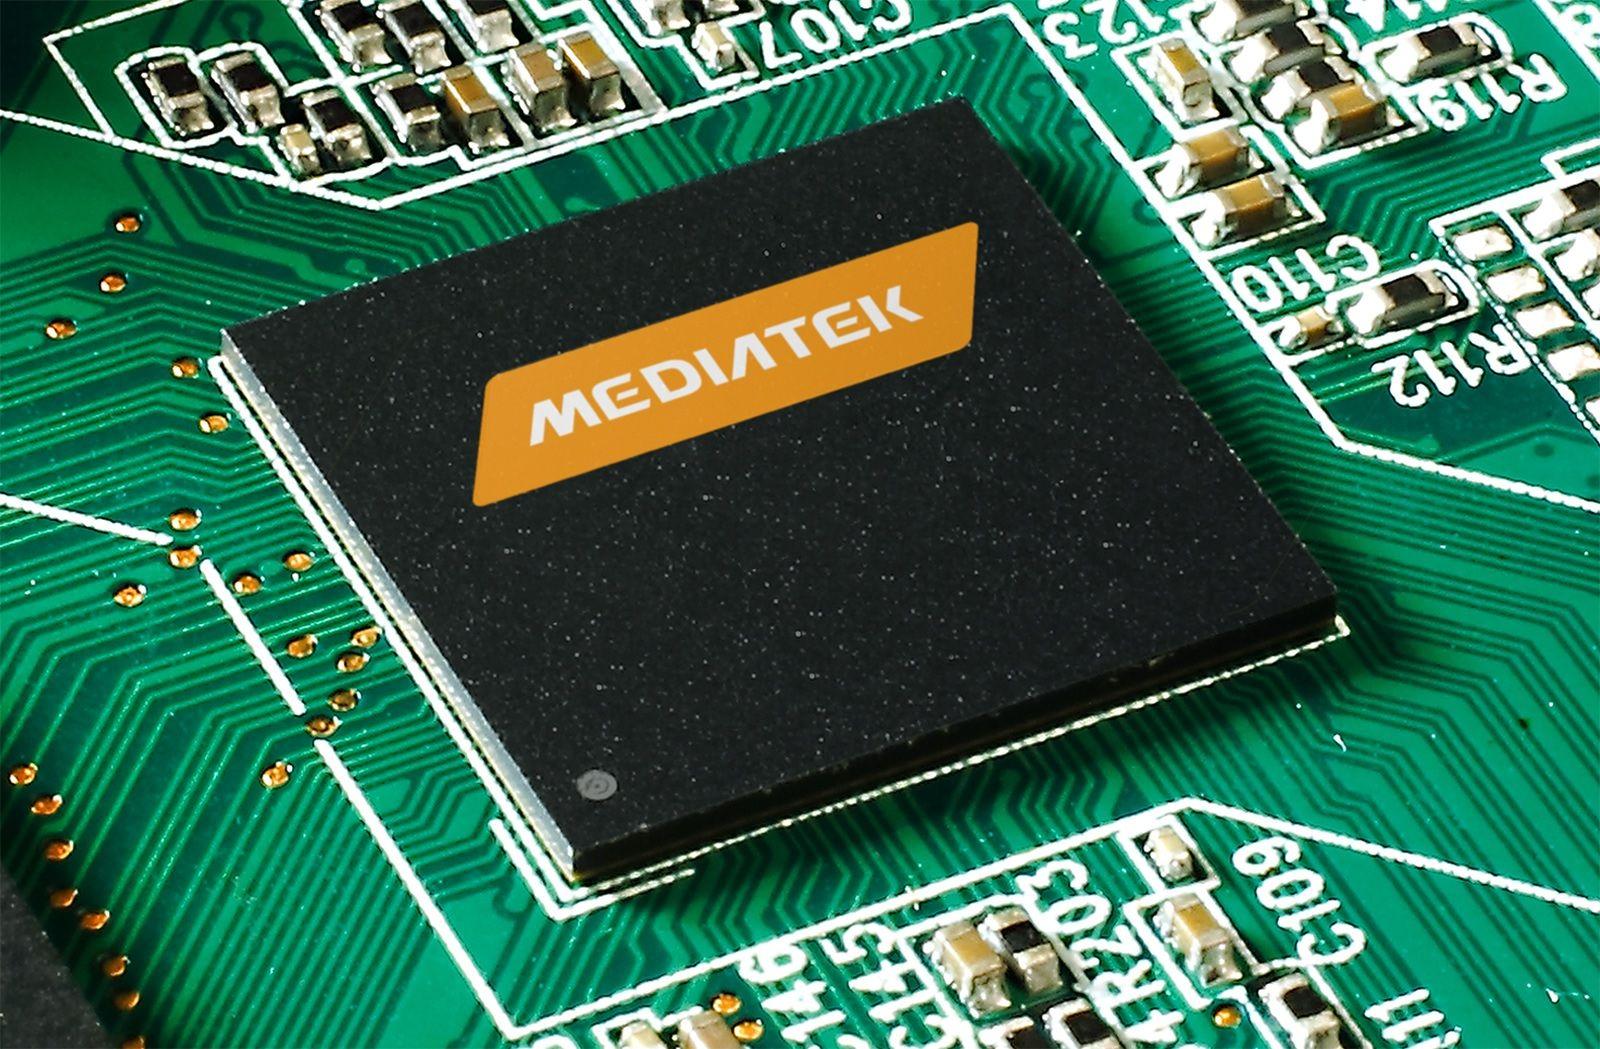 Critical bug in MediaTek processors